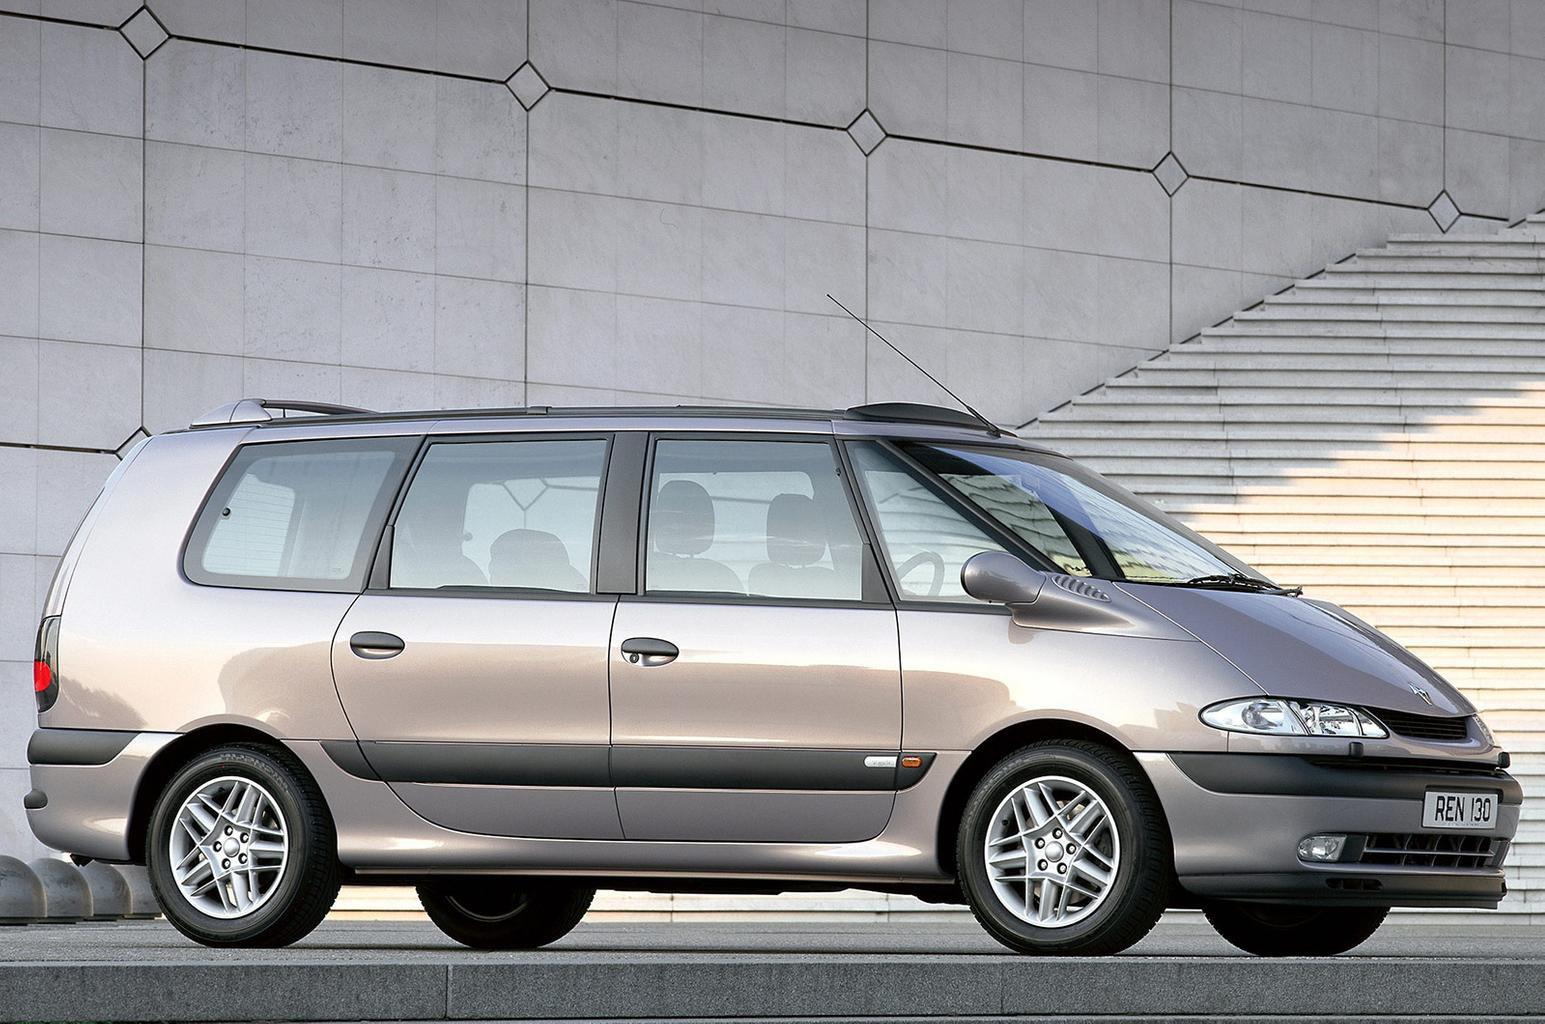 Finance this car